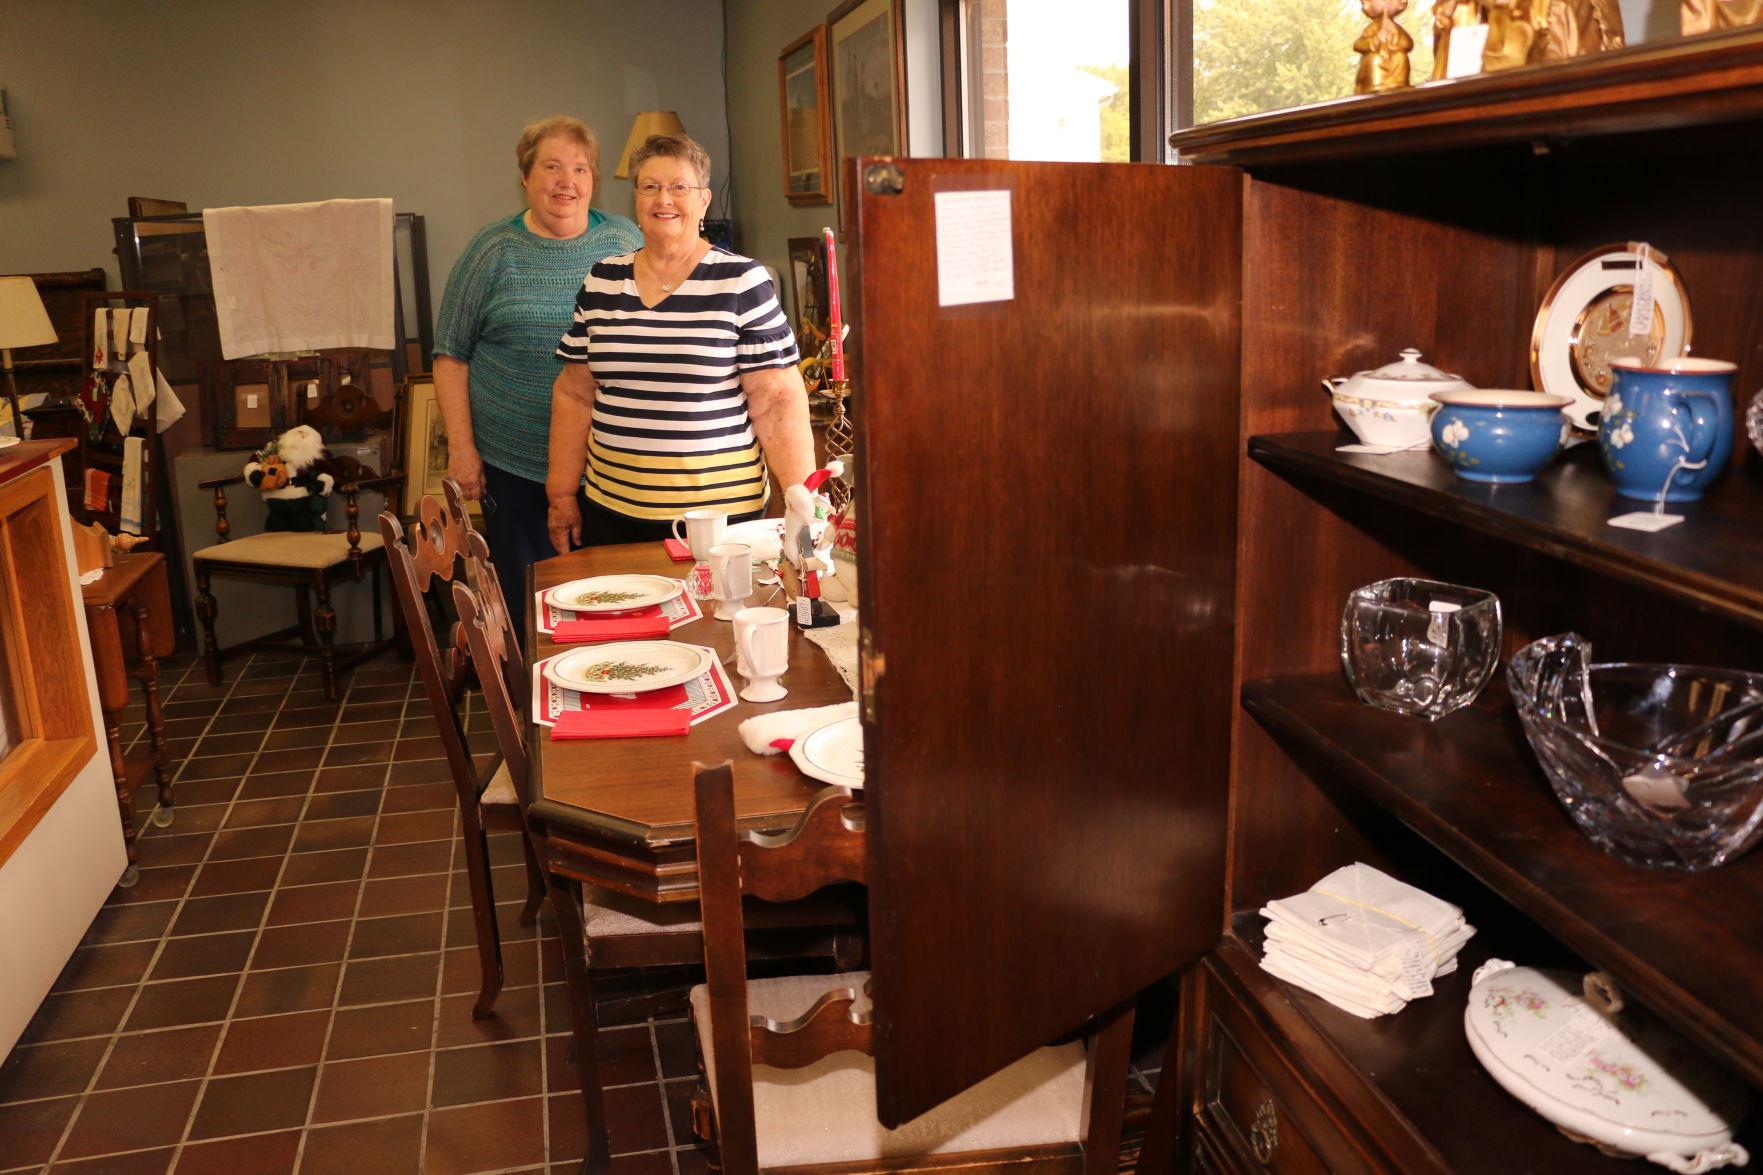 Merveilleux Greenwood And Murdock Friends Open South Bend Thrift Store